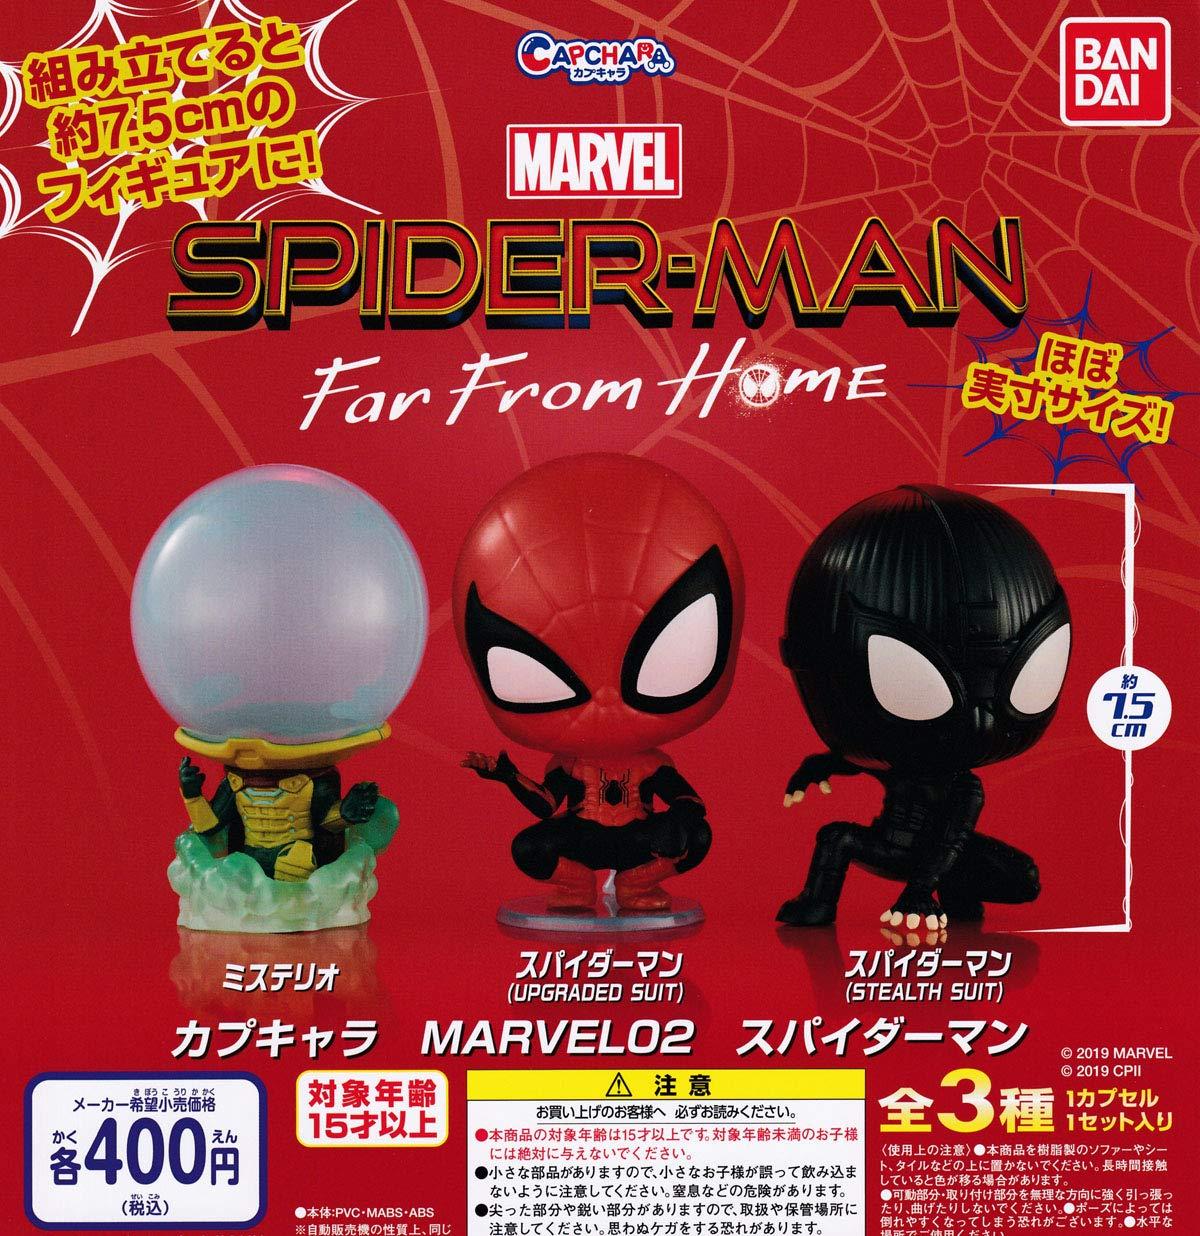 【ガシャポン】スパイダーマン:ファー・フロム・ホーム『カプキャラMARVEL02』組み立てフィギュア-004